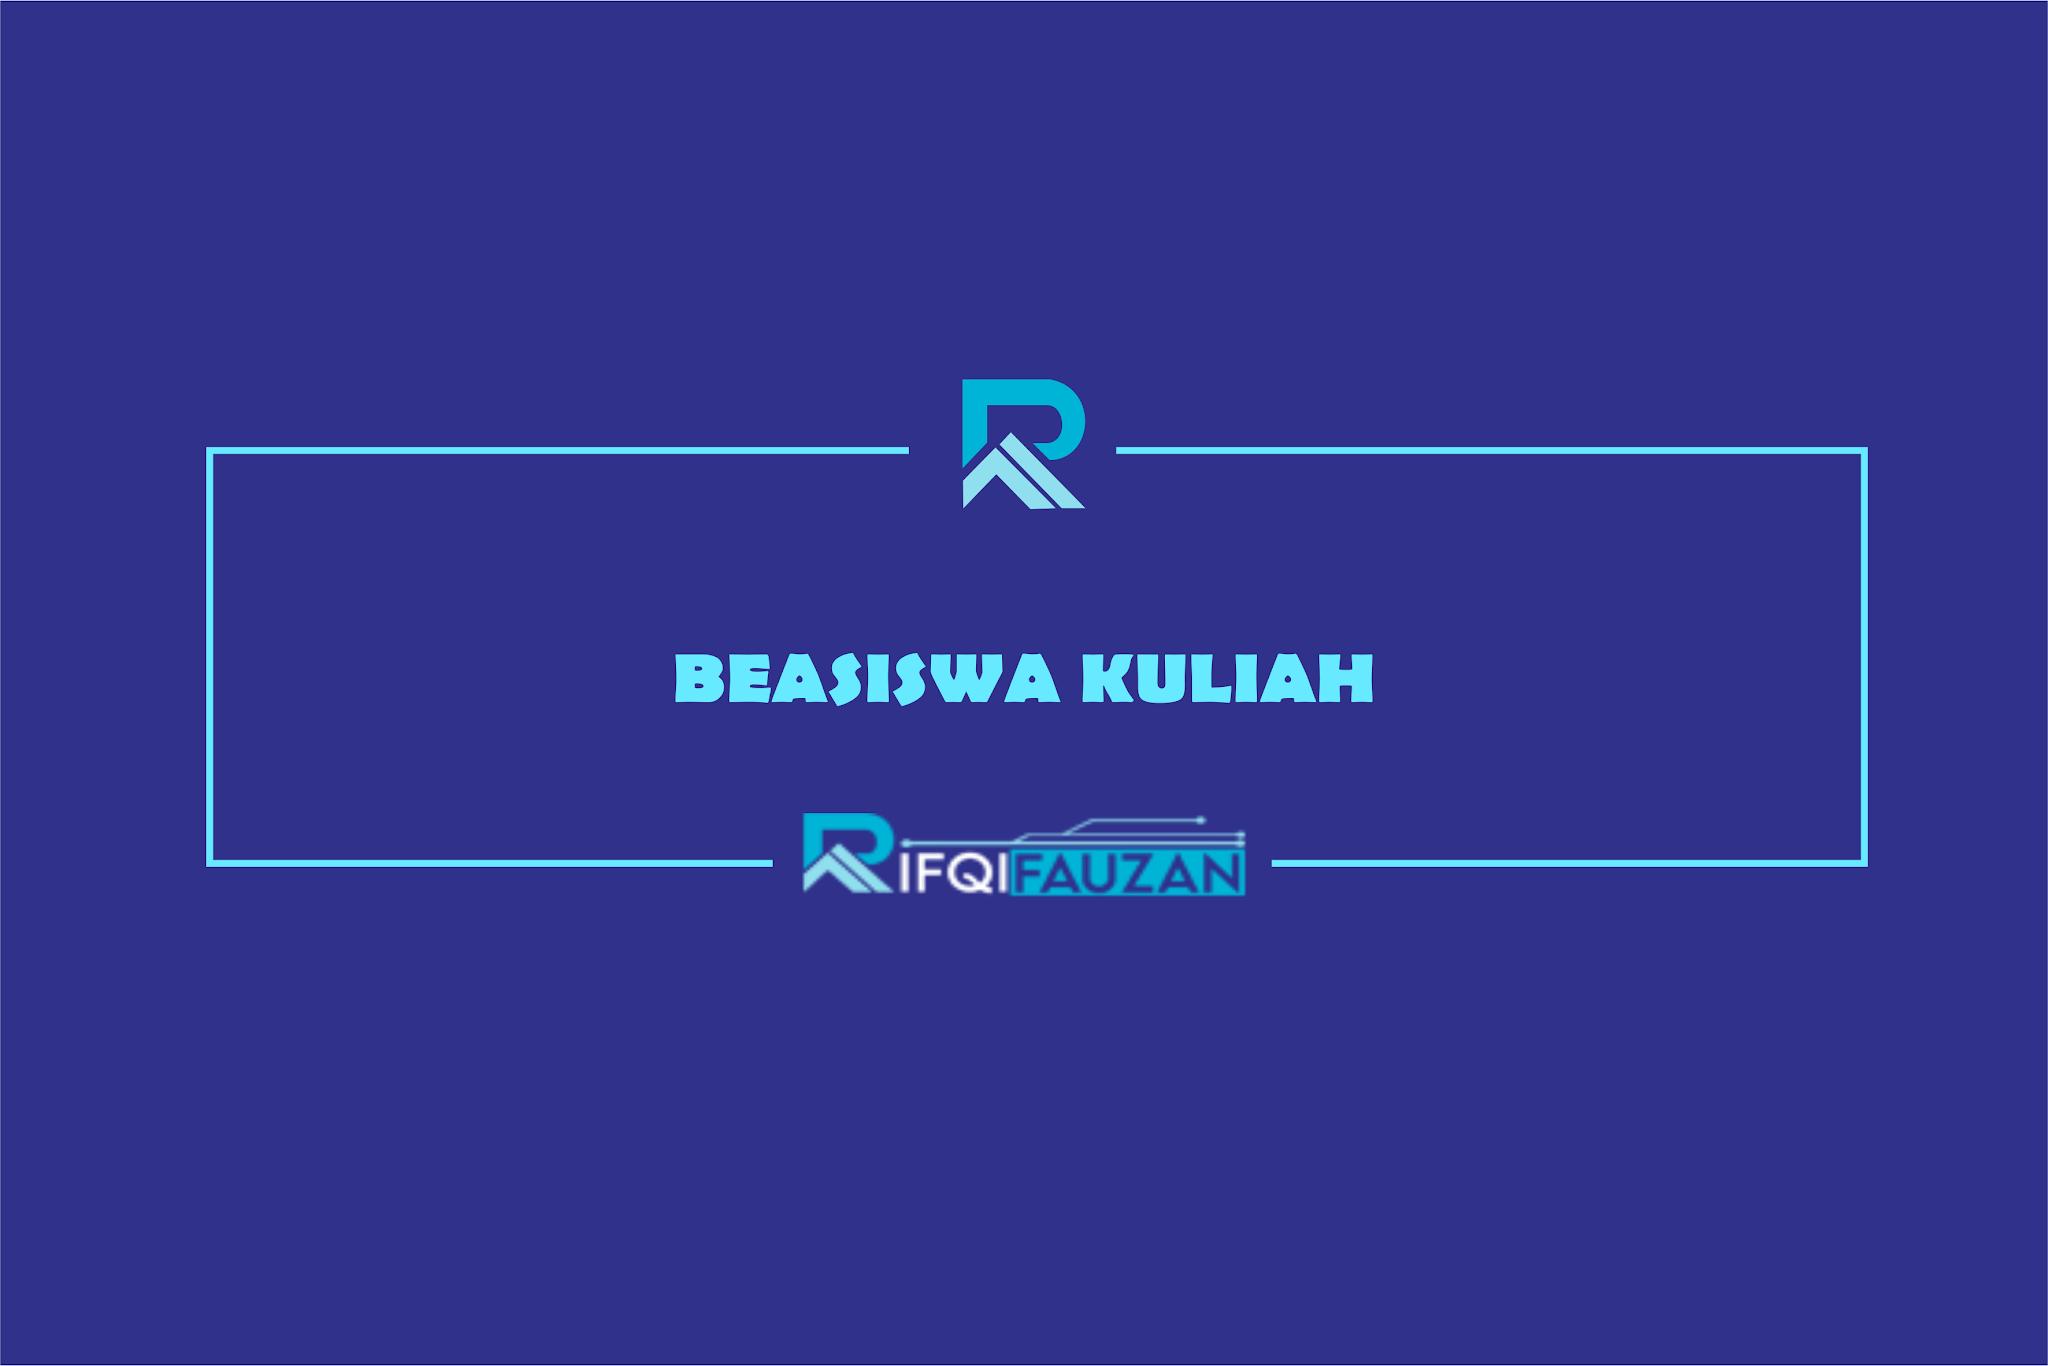 RAIH BEASISWA KULIAH DEMI MASA DEPAN GEMILANG